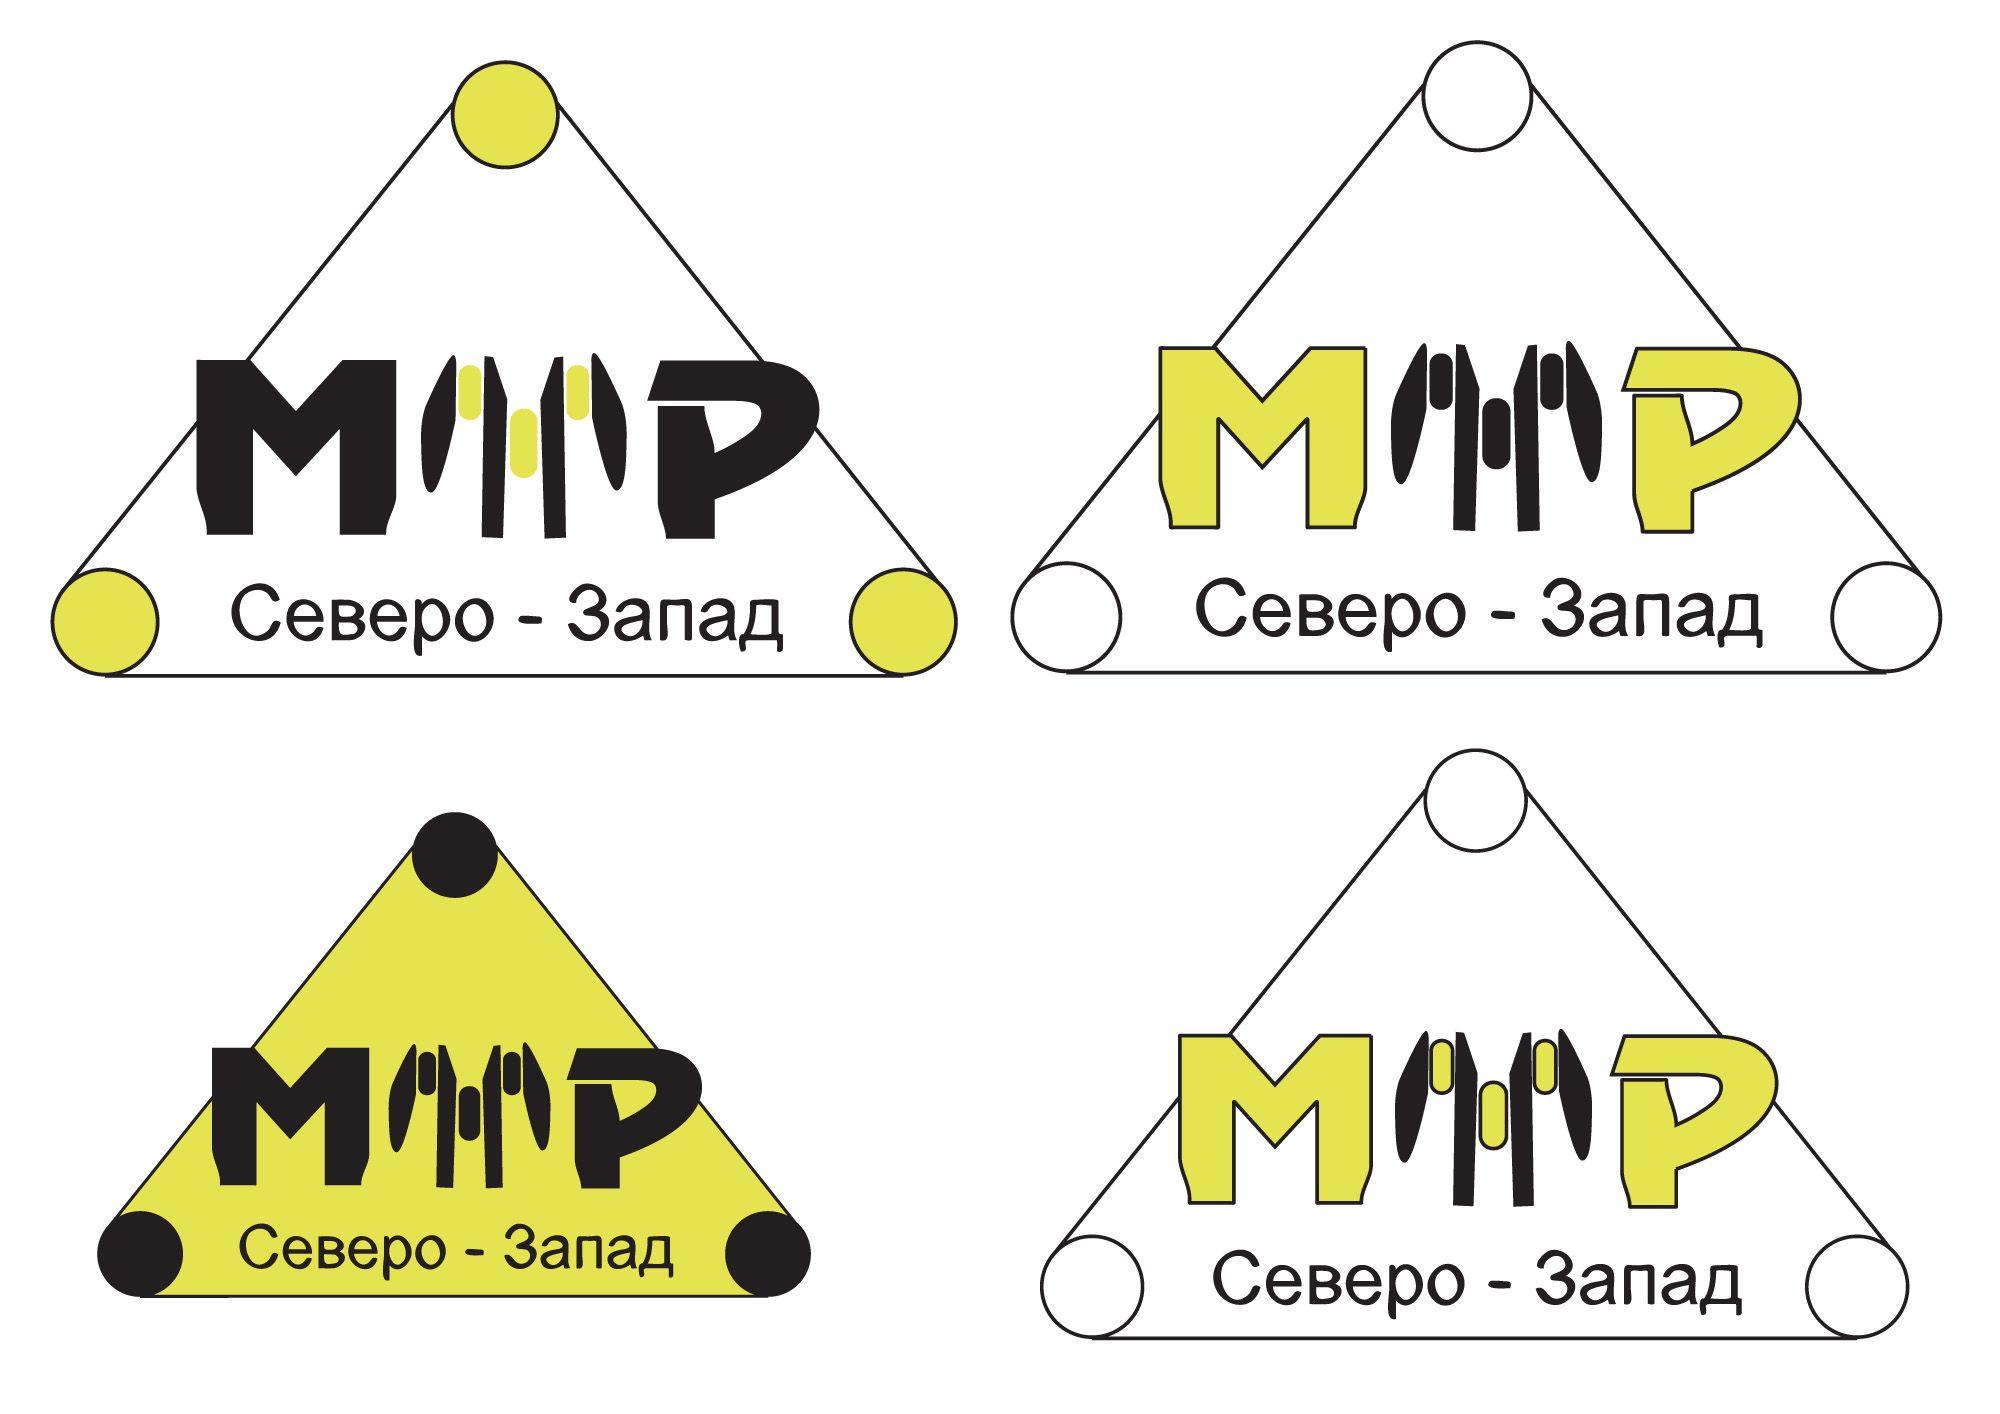 Редизайн лого (производство и продажа мототехники) - дизайнер katavoronchihin